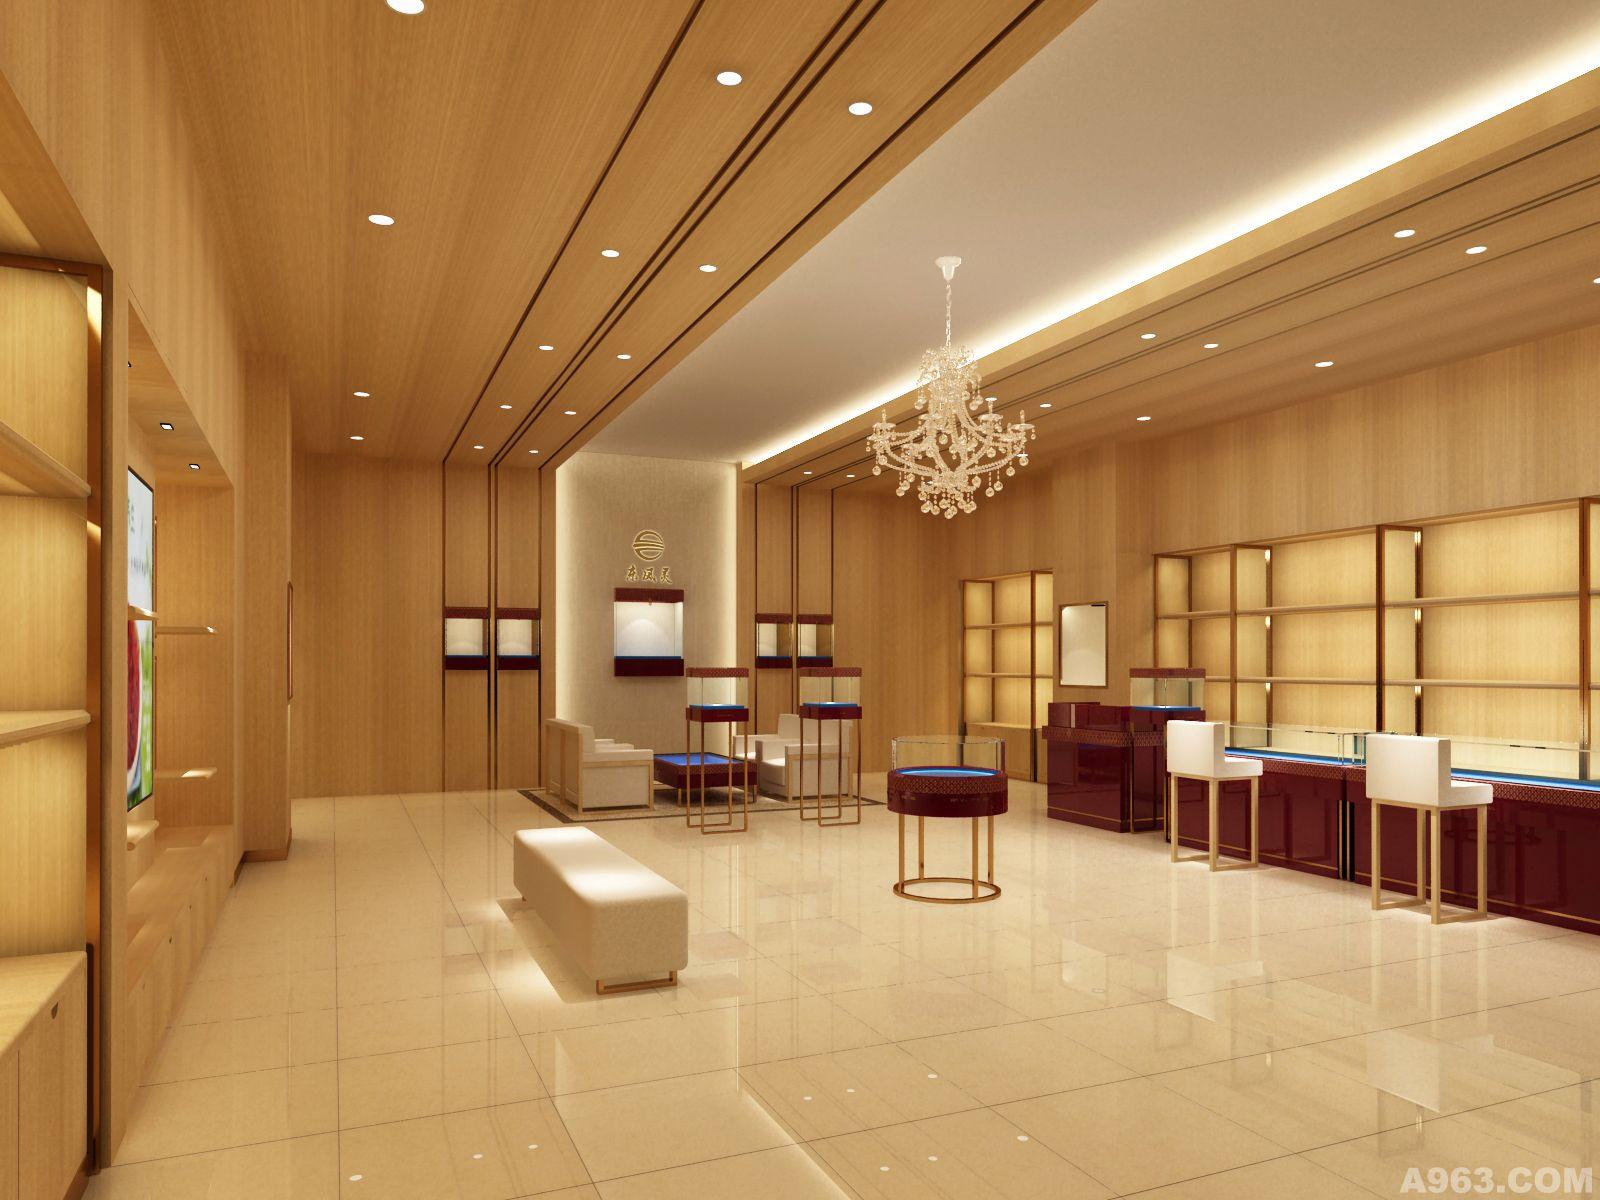 中华室内设计网 作品中心 公共空间 商业空间 > 广东俊禾装饰设计工程